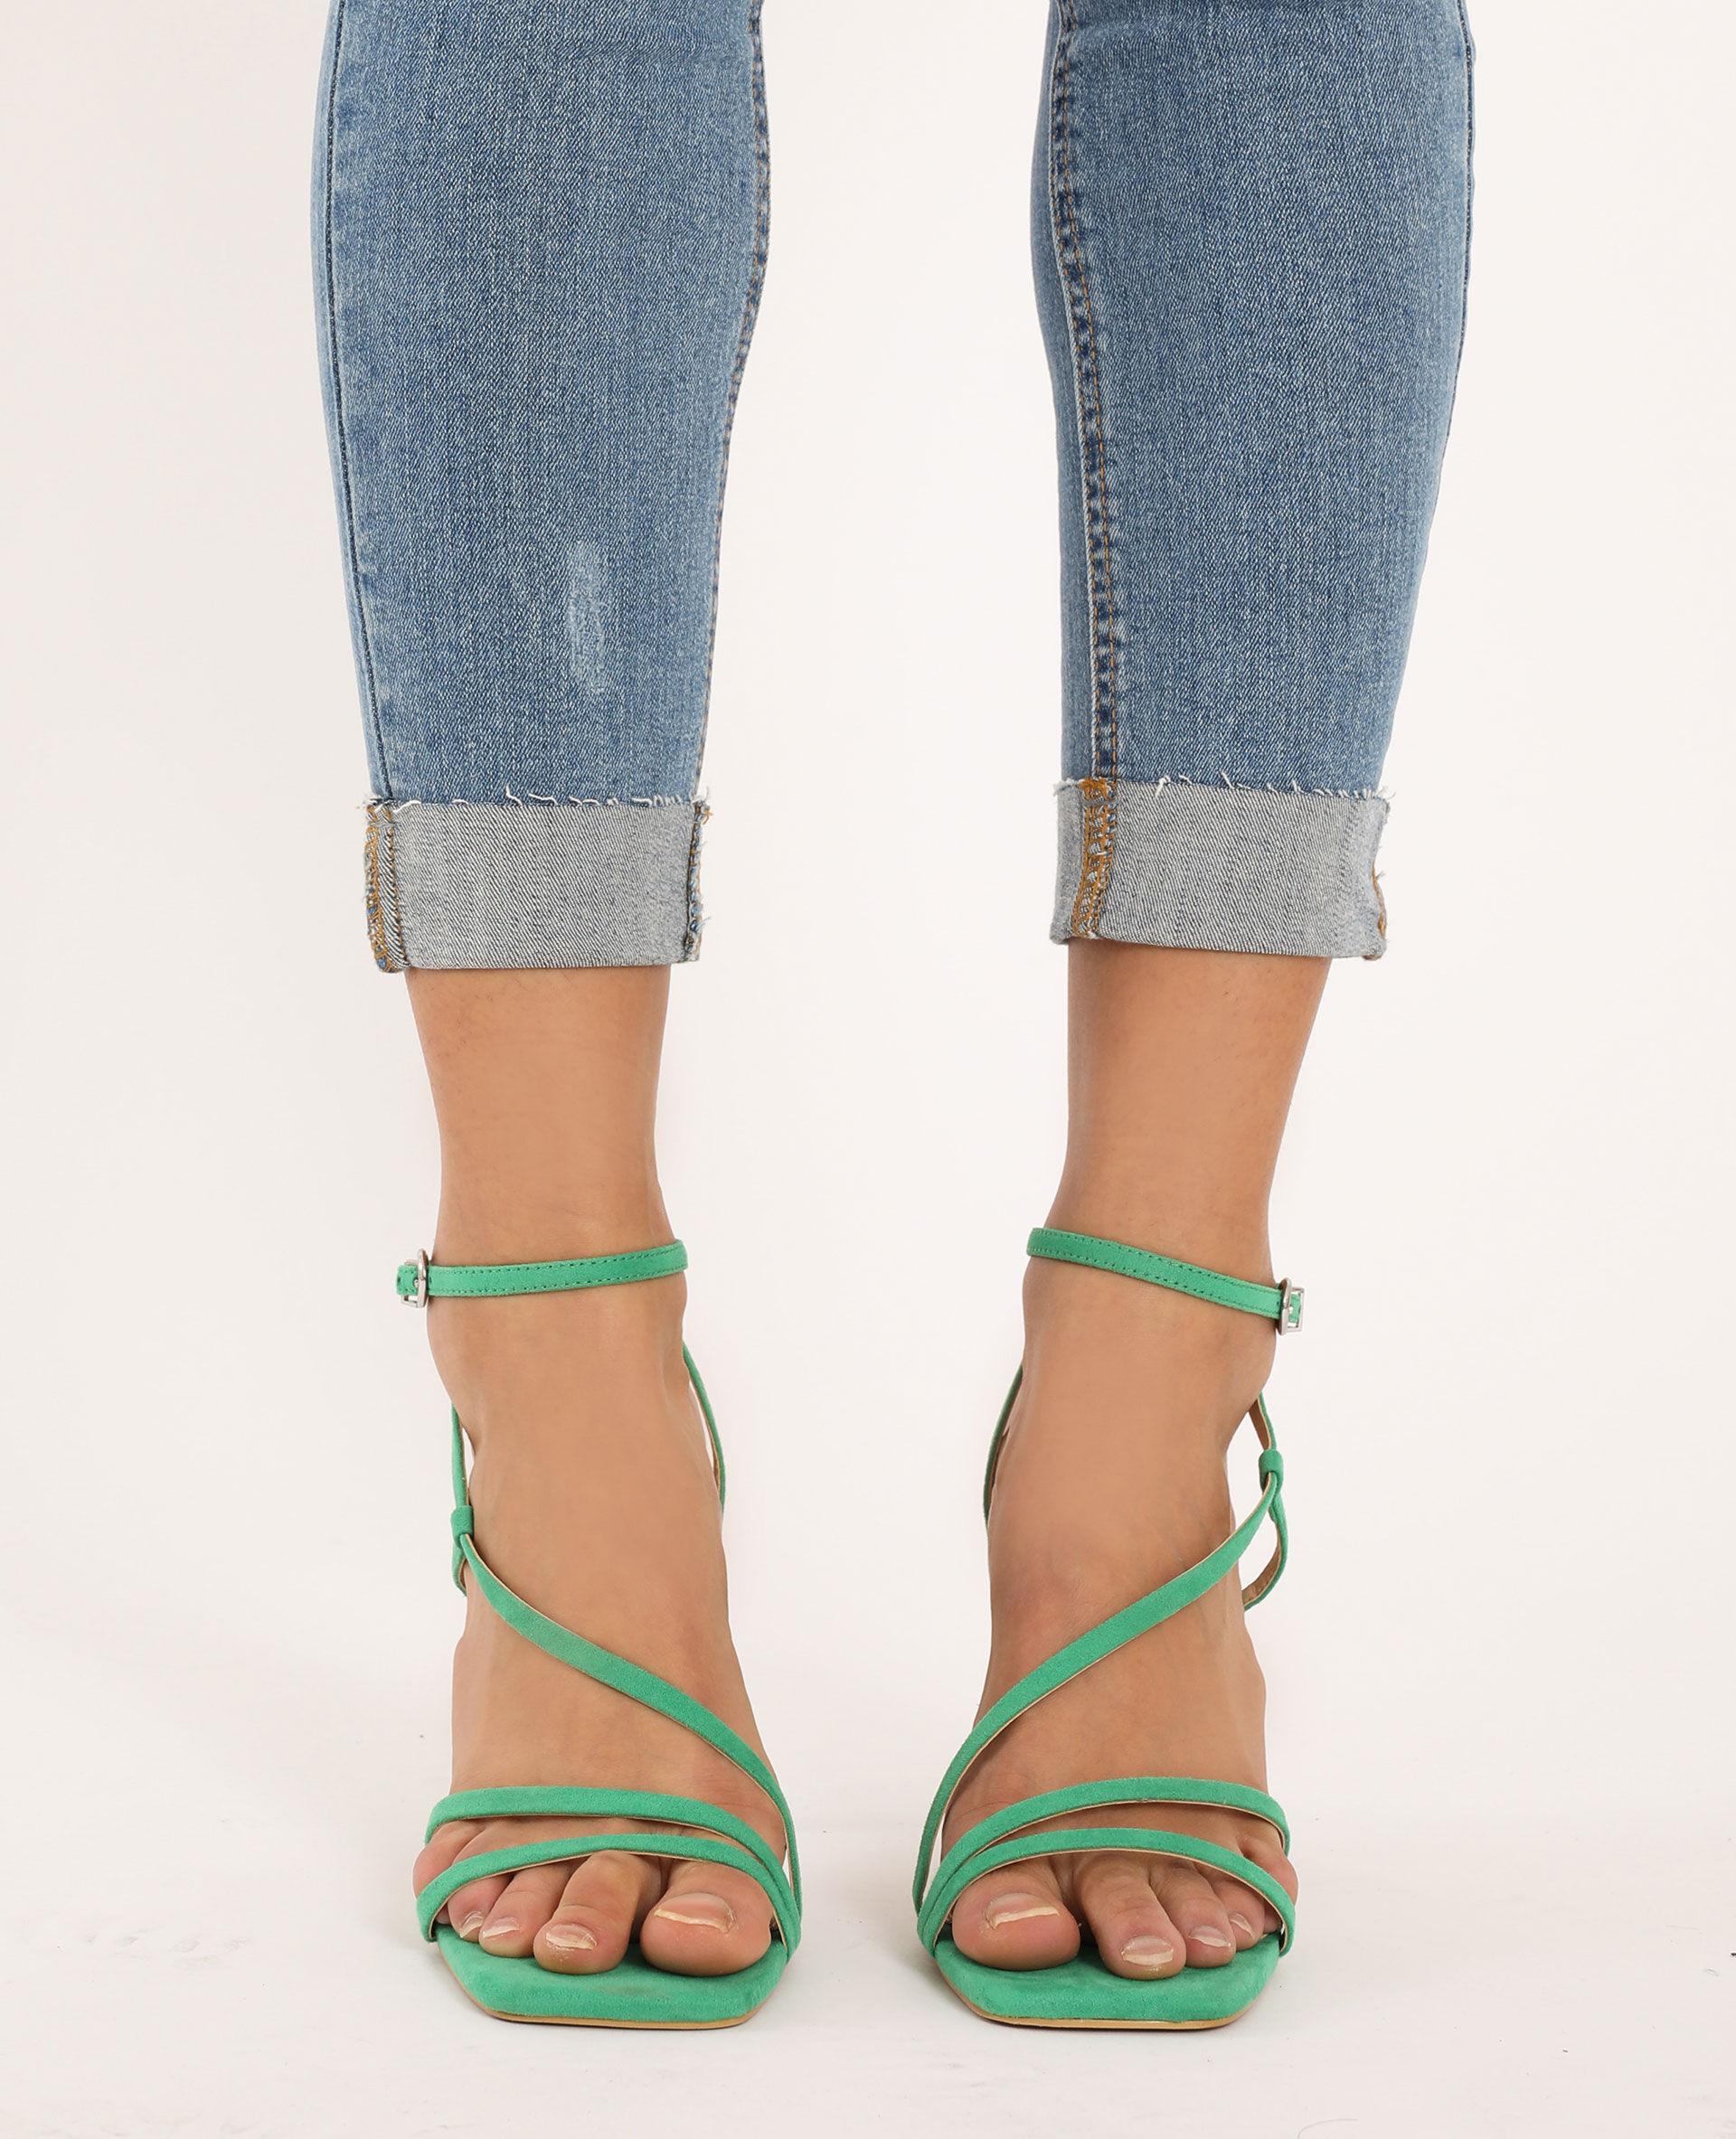 Sandales à talons Femme - Couleur vert - PIMKIE - MODE FEMME